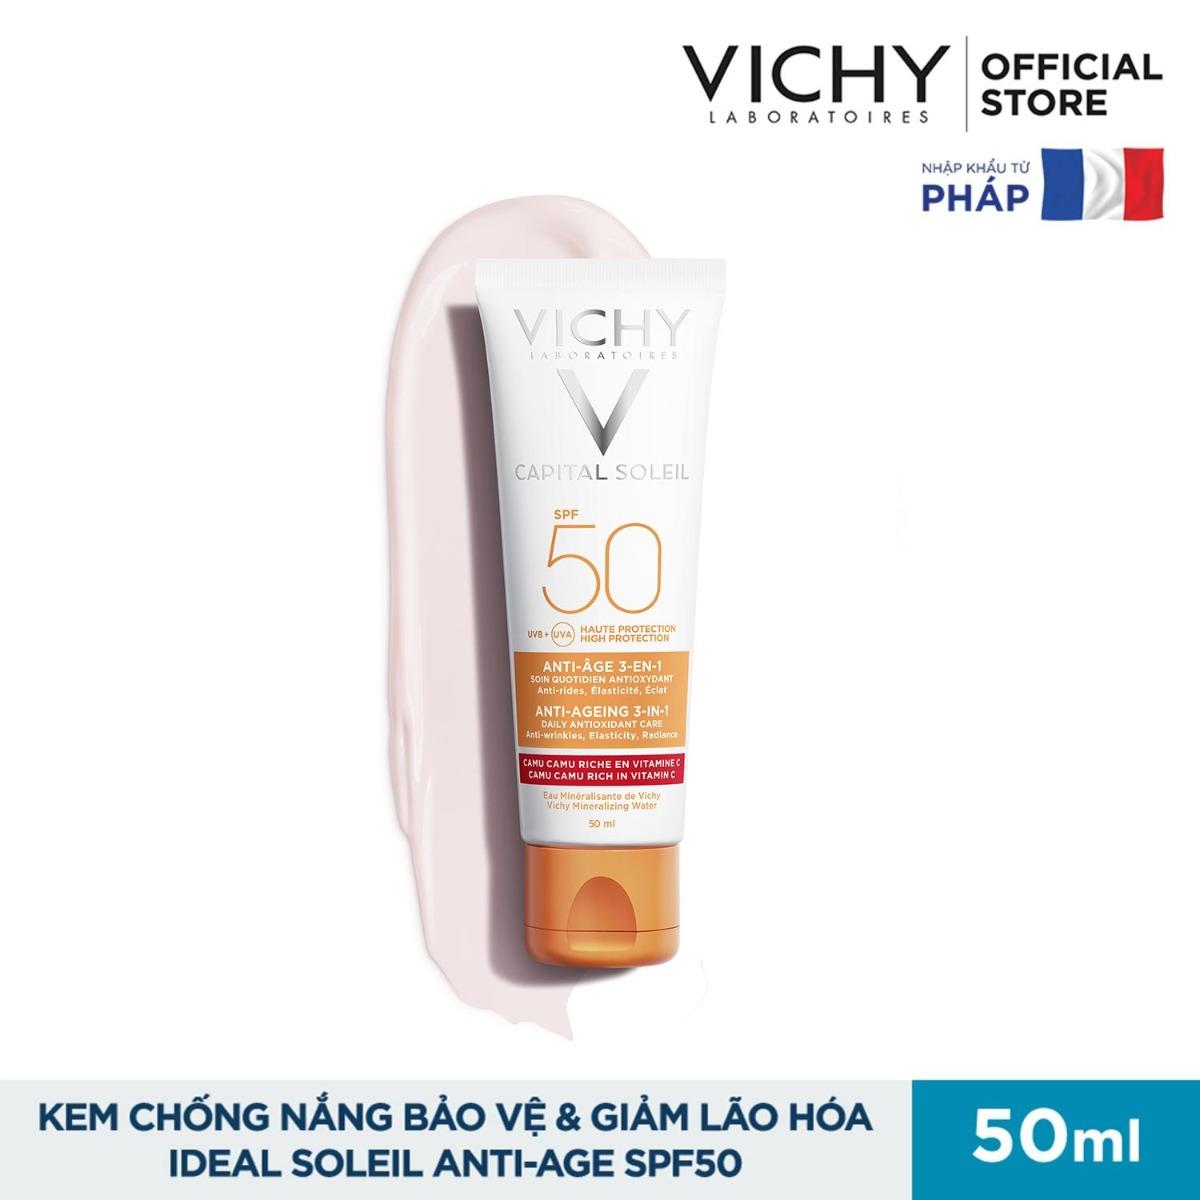 Kem Chống Nắng Vichy Bảo Vệ Da, Ngăn Ngừa Lão Hóa Ideal Soleil Anti-Aging SPF50 UVA + UVB 50ml hiện đã có mặt tại Hasaki